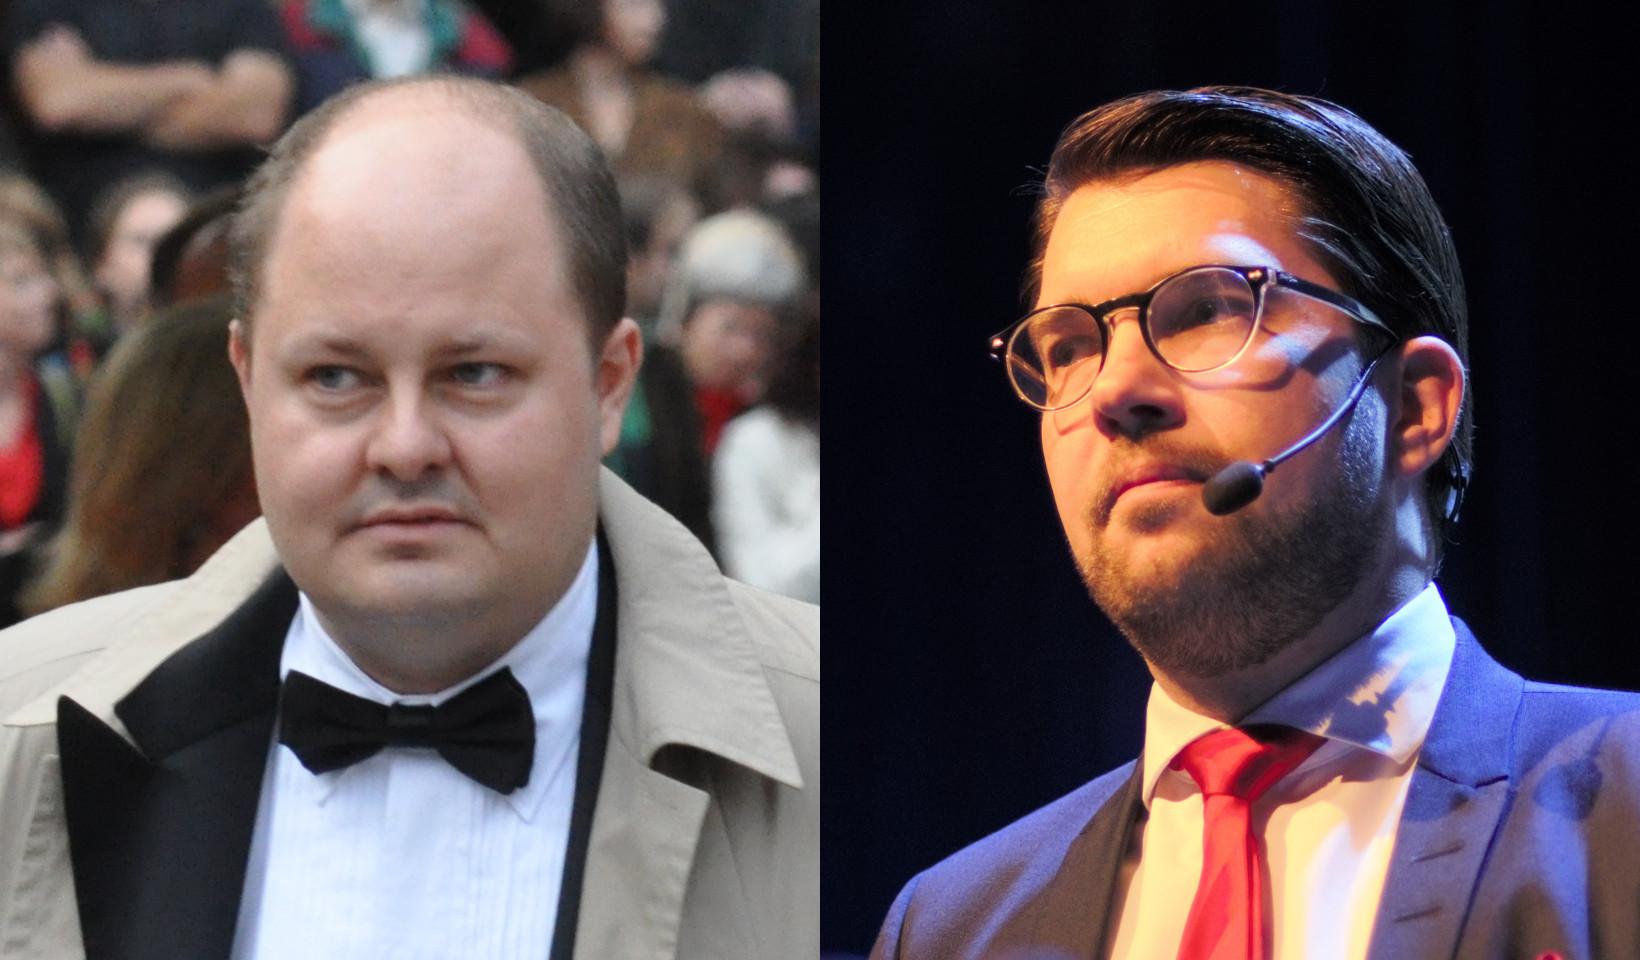 Thomas Matsson och Jimmie Åkesson. Foto: Holger Motzkau/Nyheter Idag